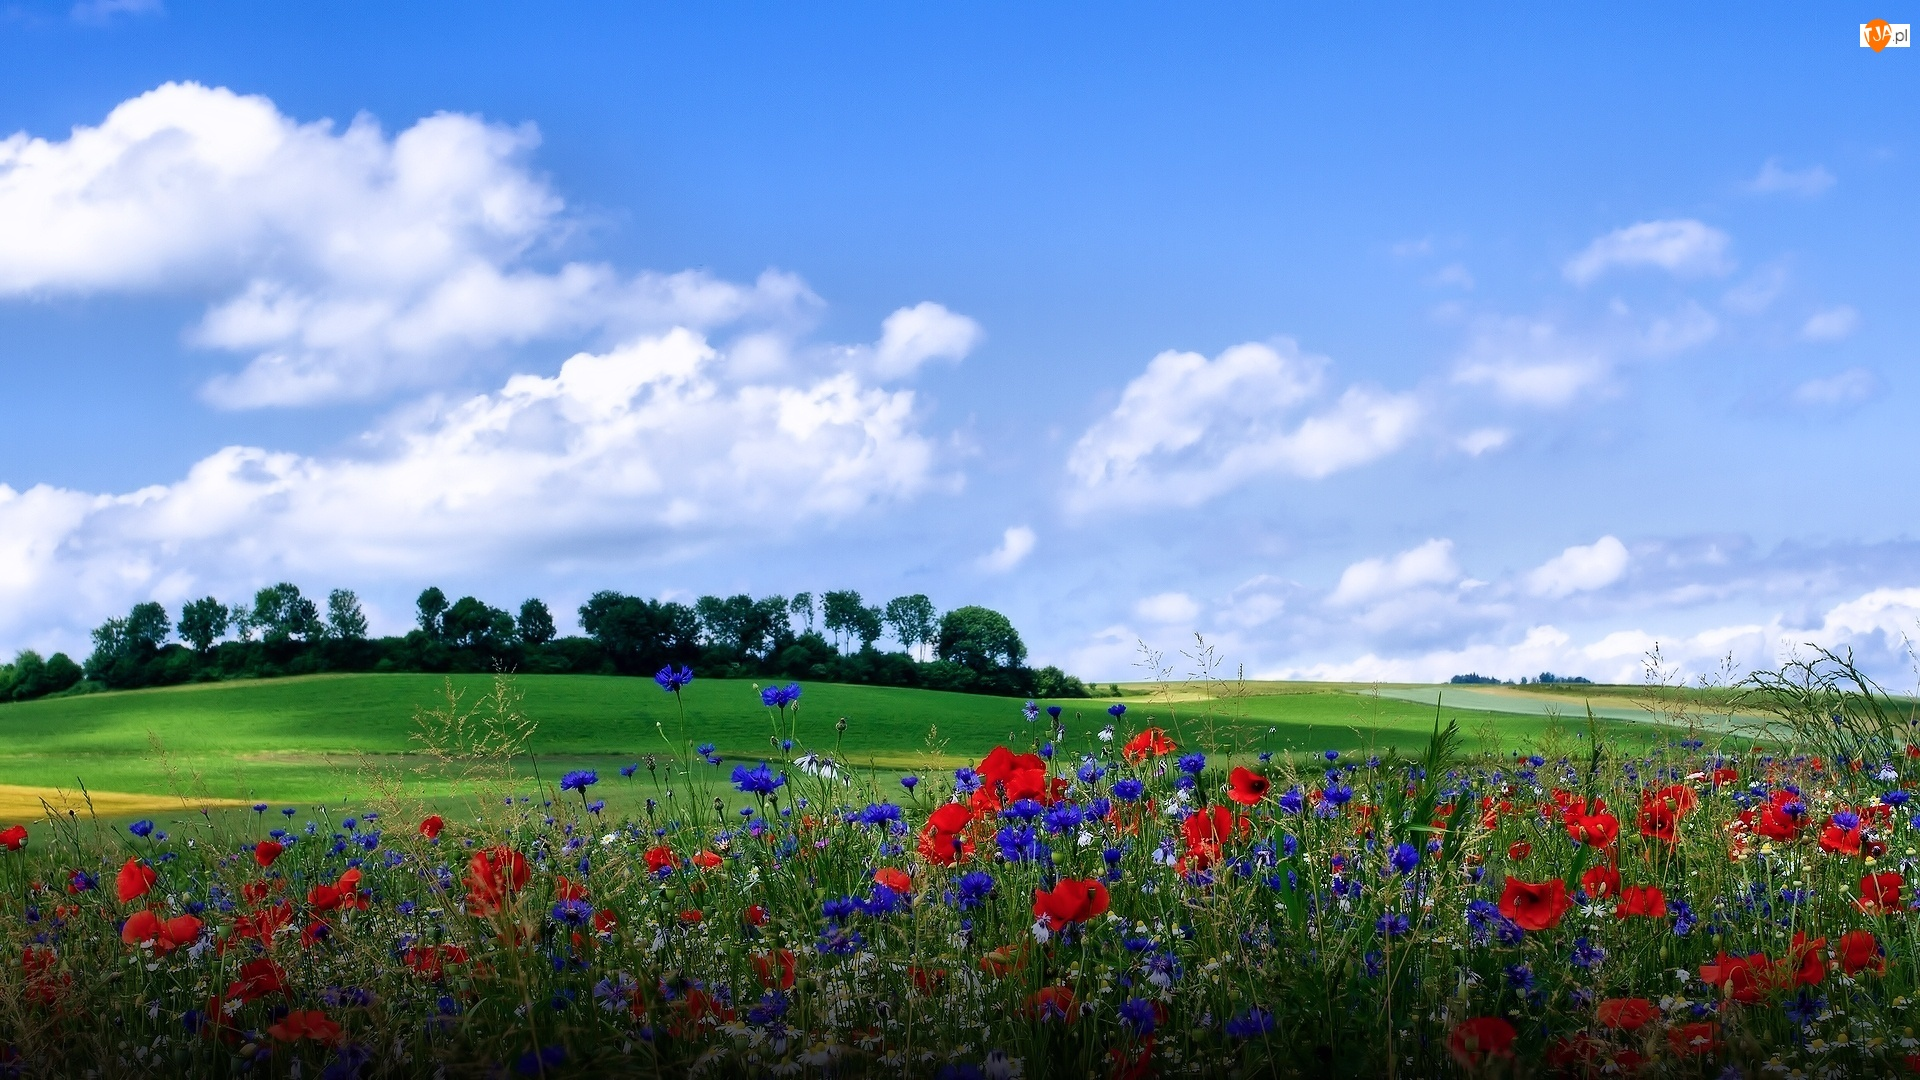 Drzewa, Łąka, Chabry, Niebo, Kwiaty, Wzgórze, Chmury, Maki